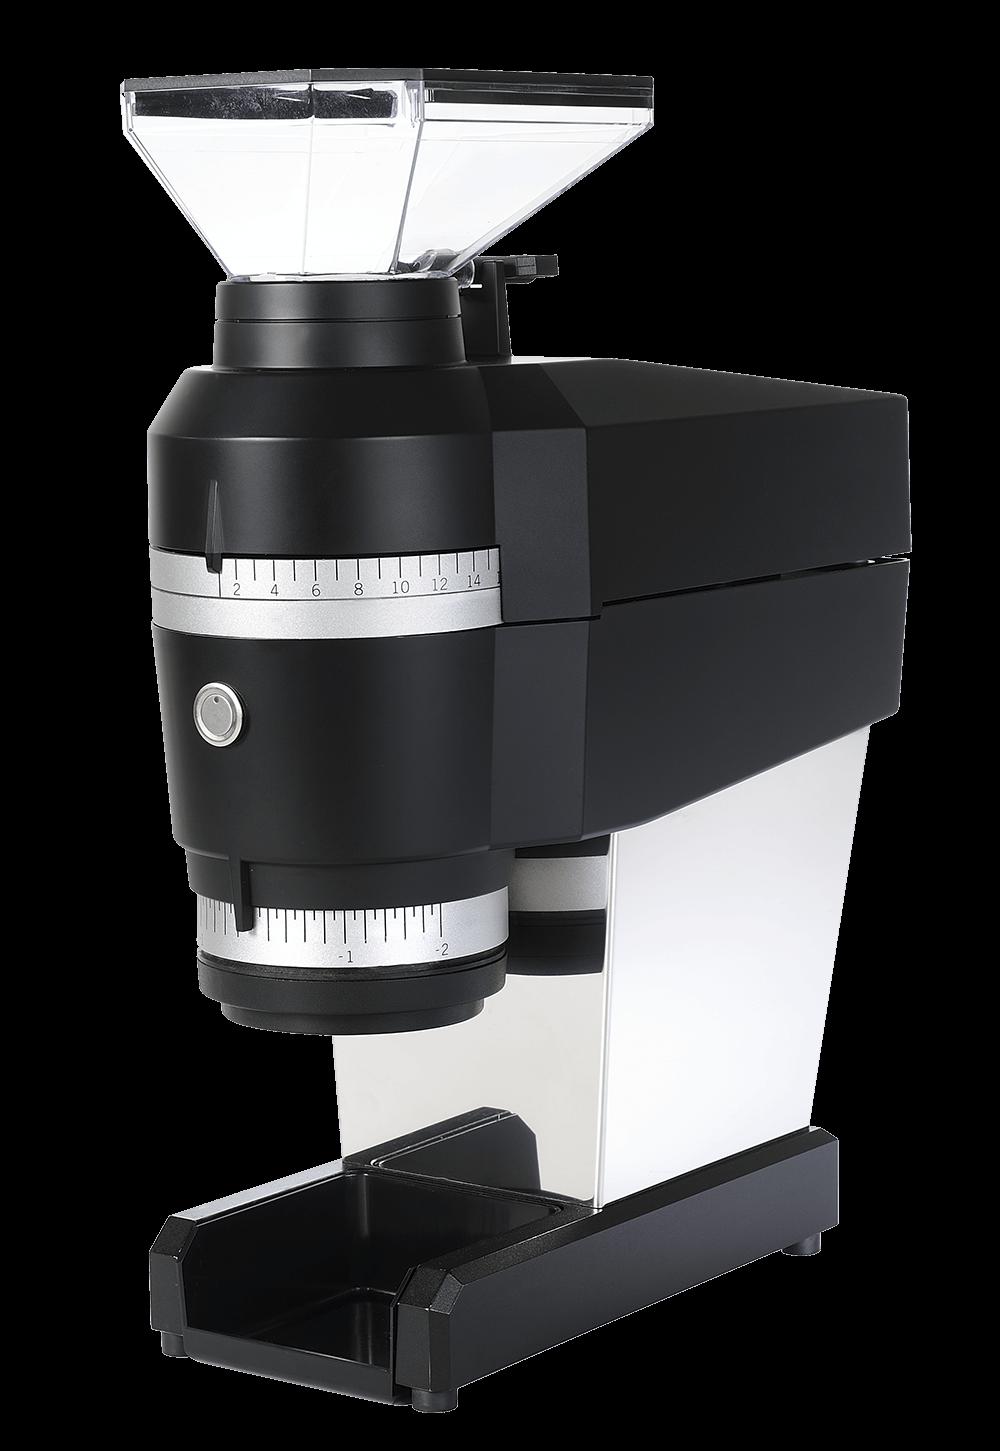 La Marzocco Swift Mini in 2020 Espresso grinder, La